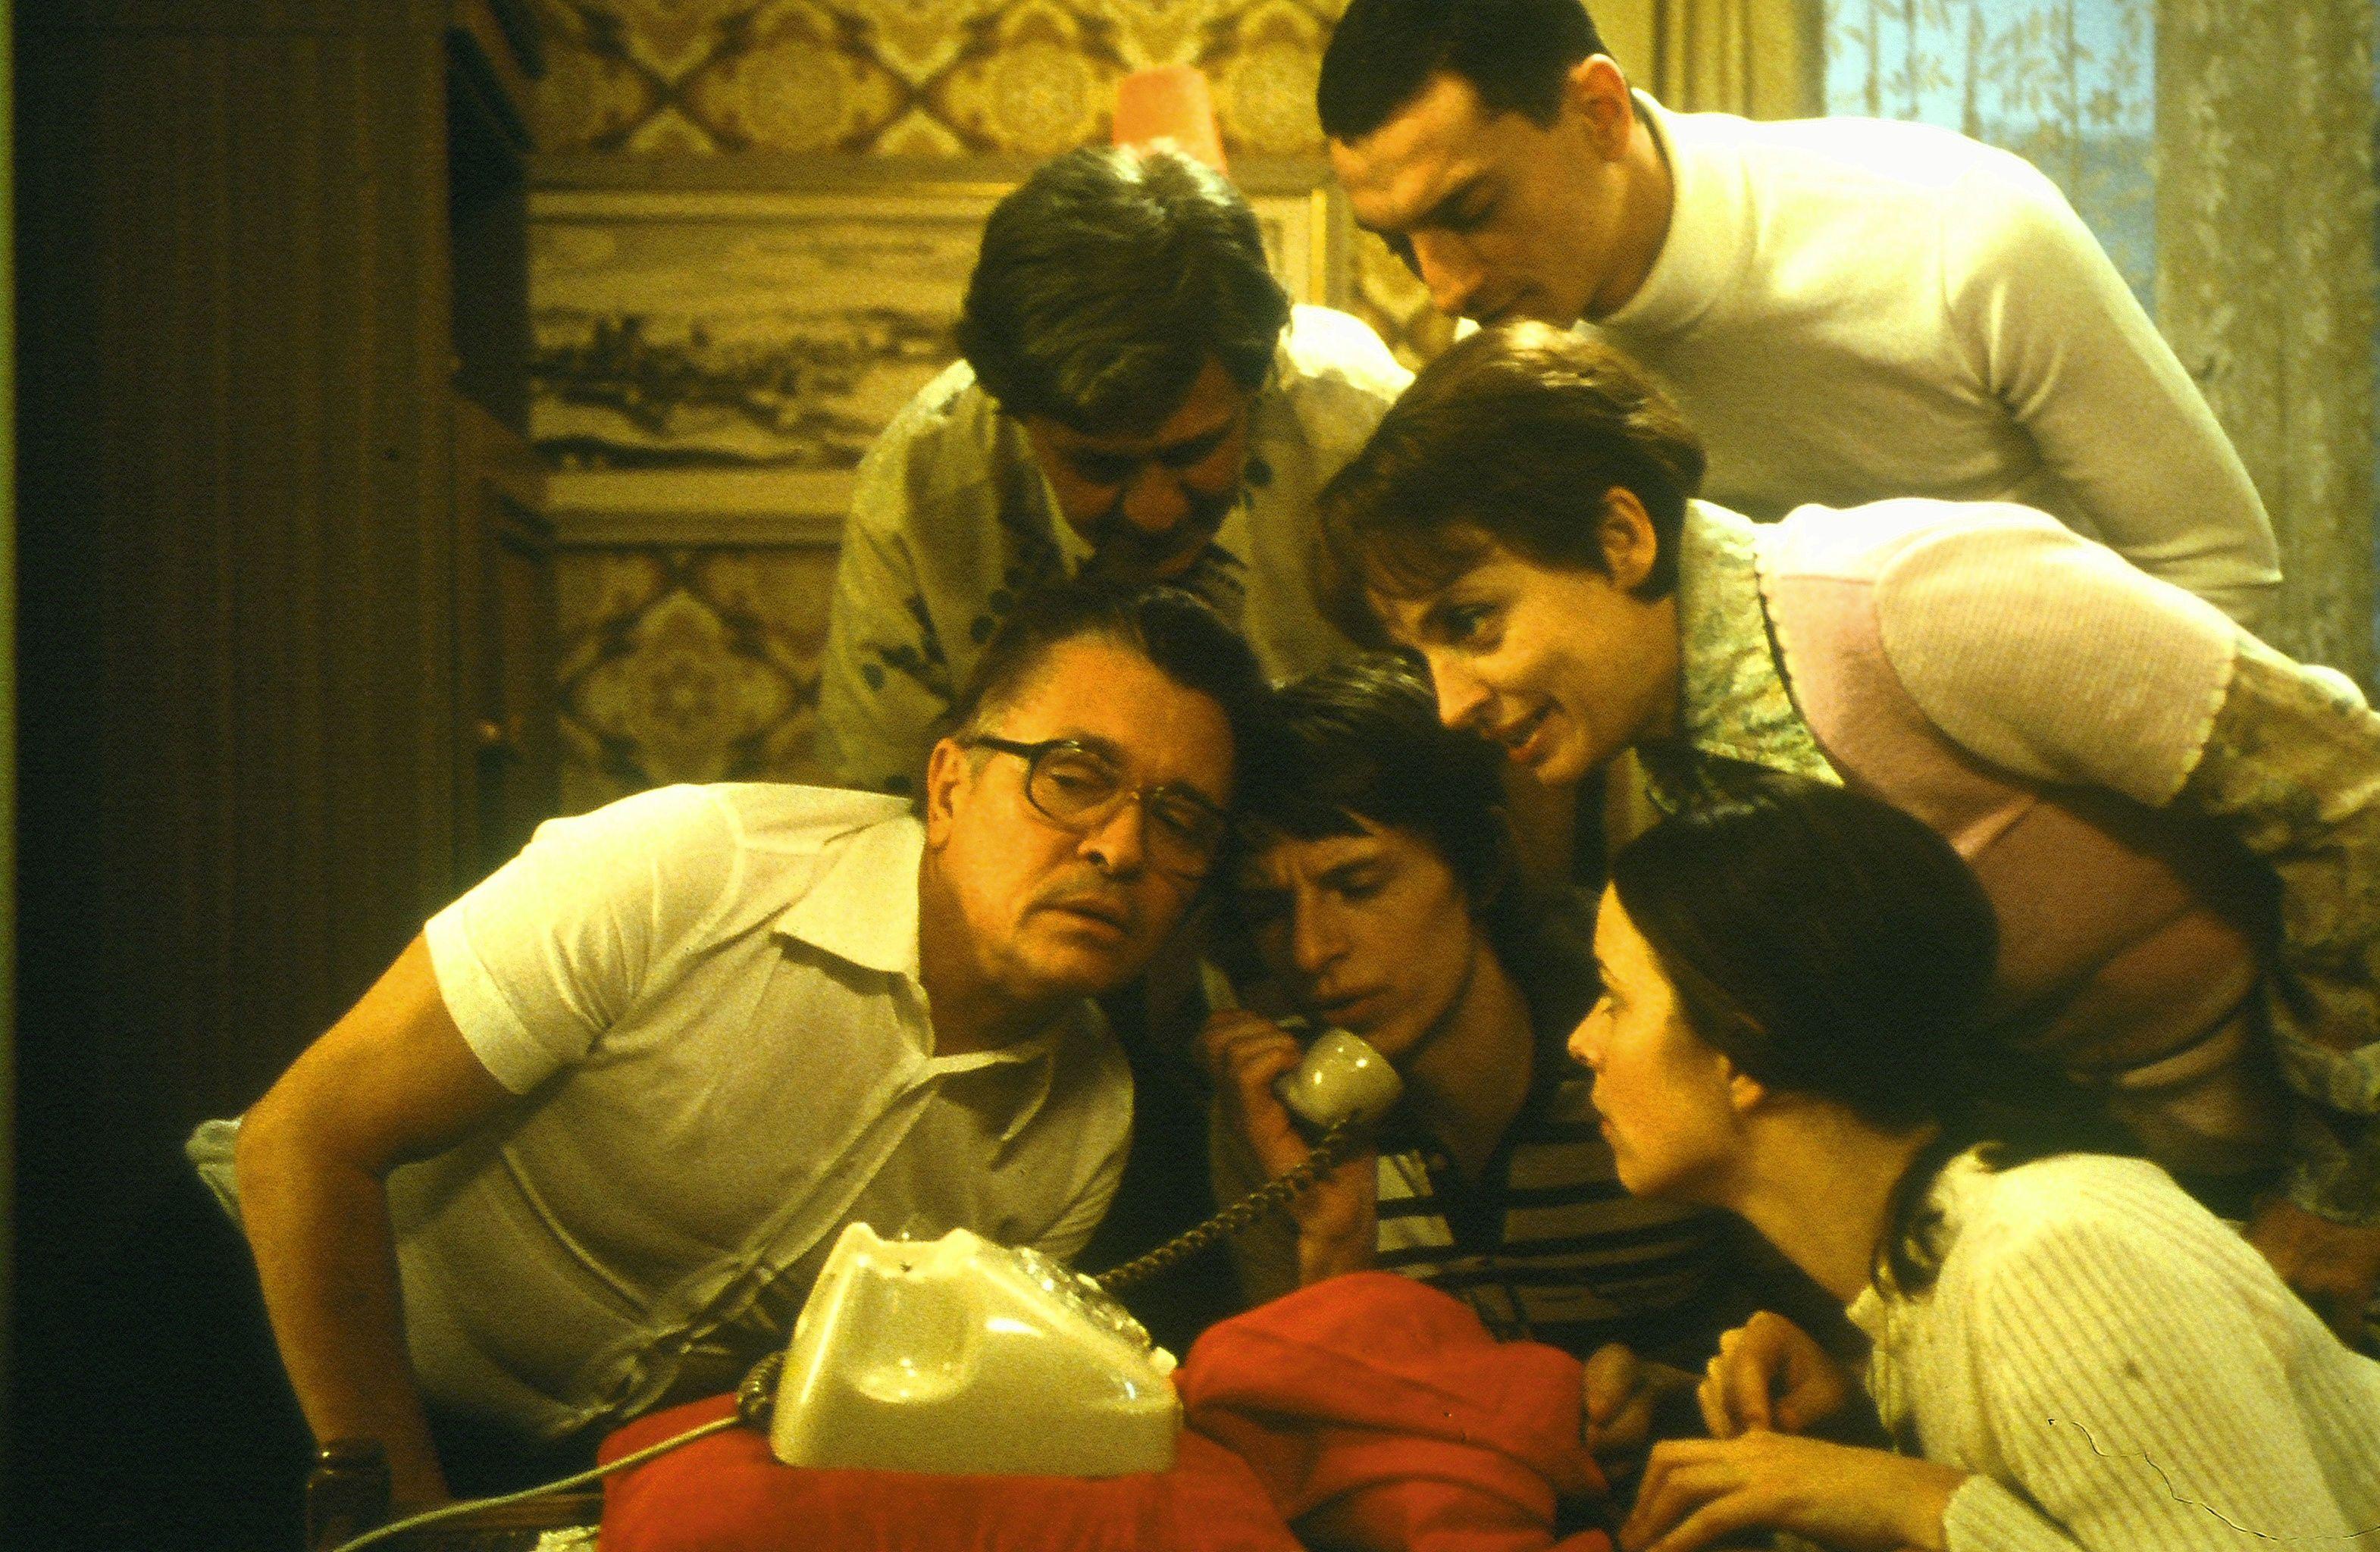 Henry Hübchen, Ignaz Kirchner, Annika Kuhl, Samir Osman, Alexander Scheer, and Katharina Thalbach in Sonnenallee (1999)